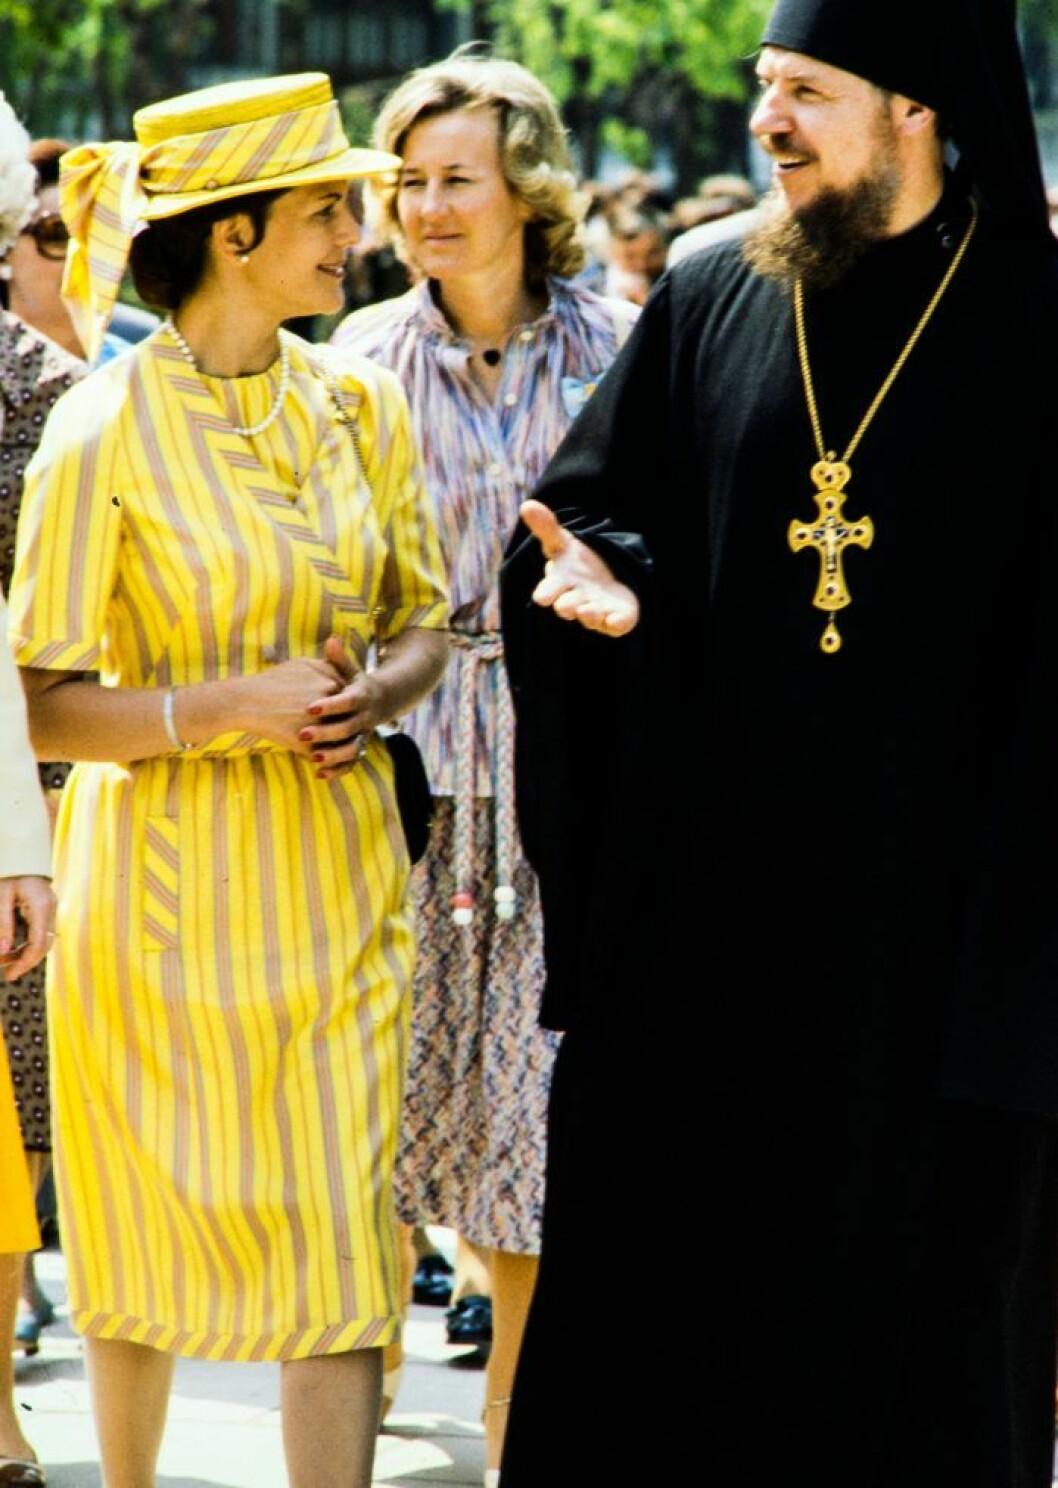 Drottning Silvia i gulrandig klänning i Moskva 1978.